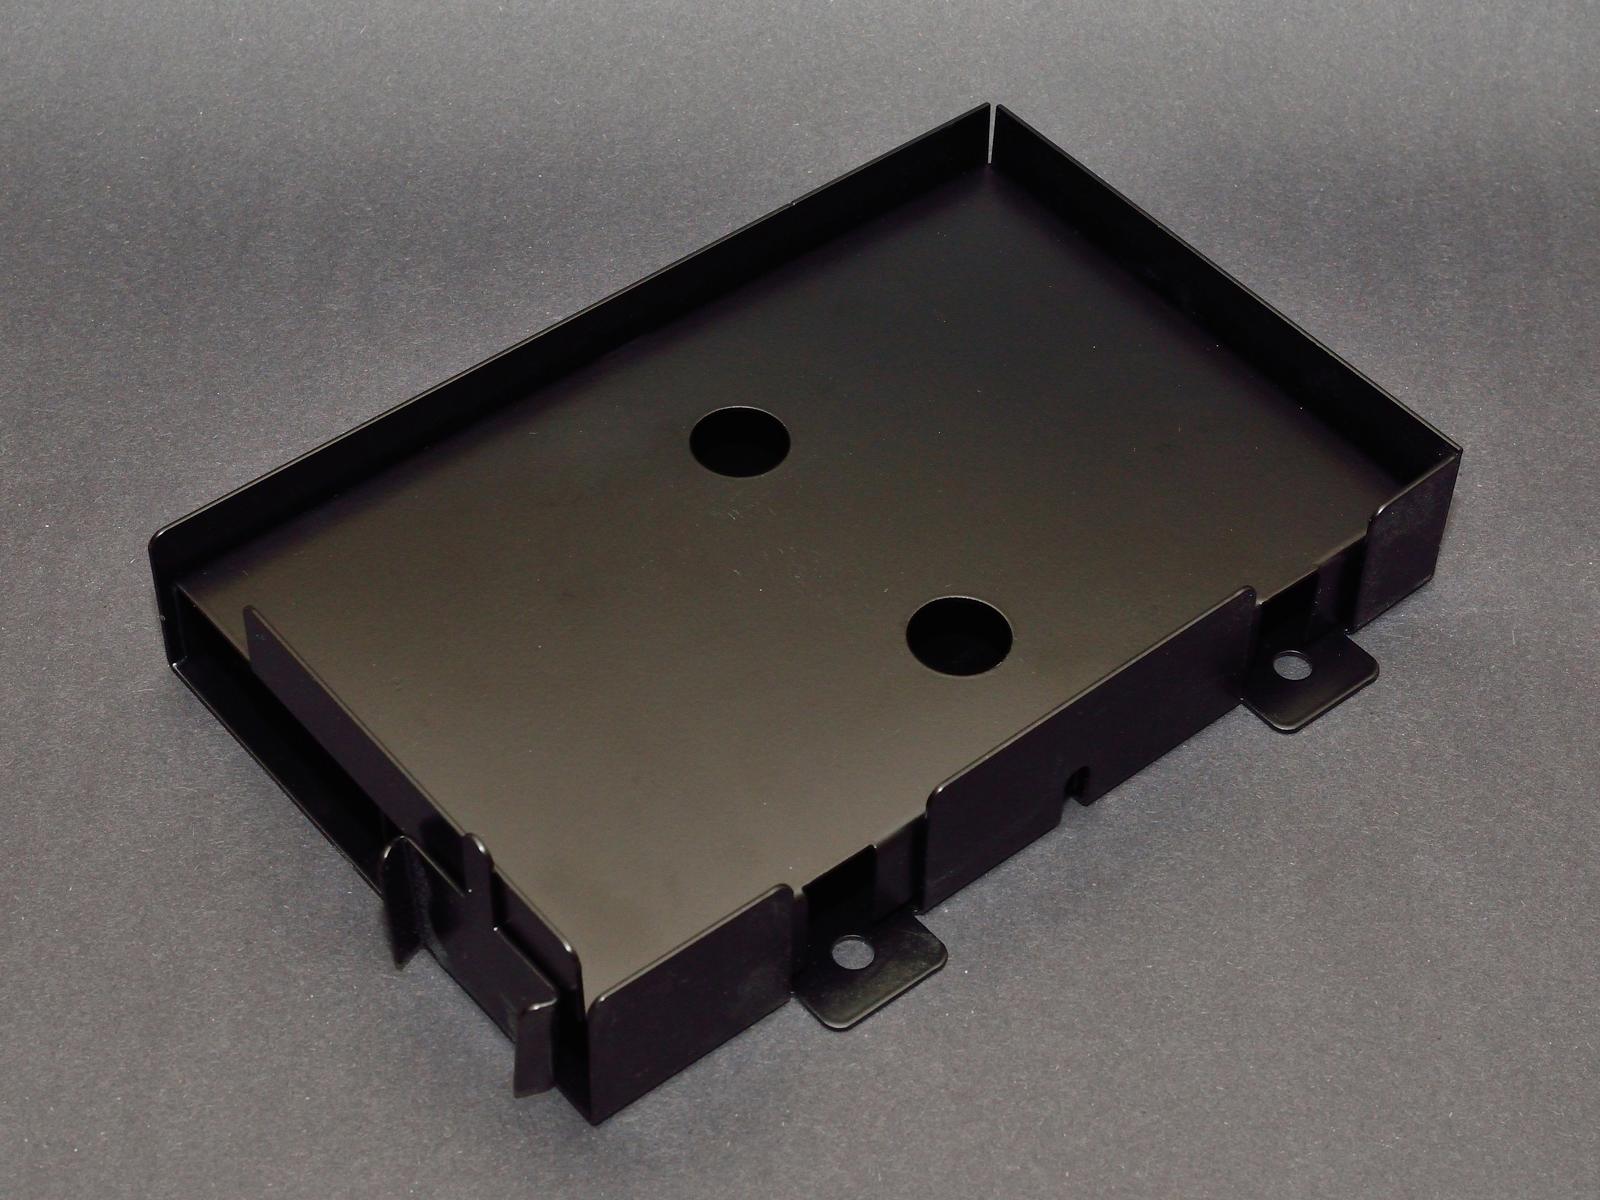 2010-2013 5th Gen 4Runner Battery Tray